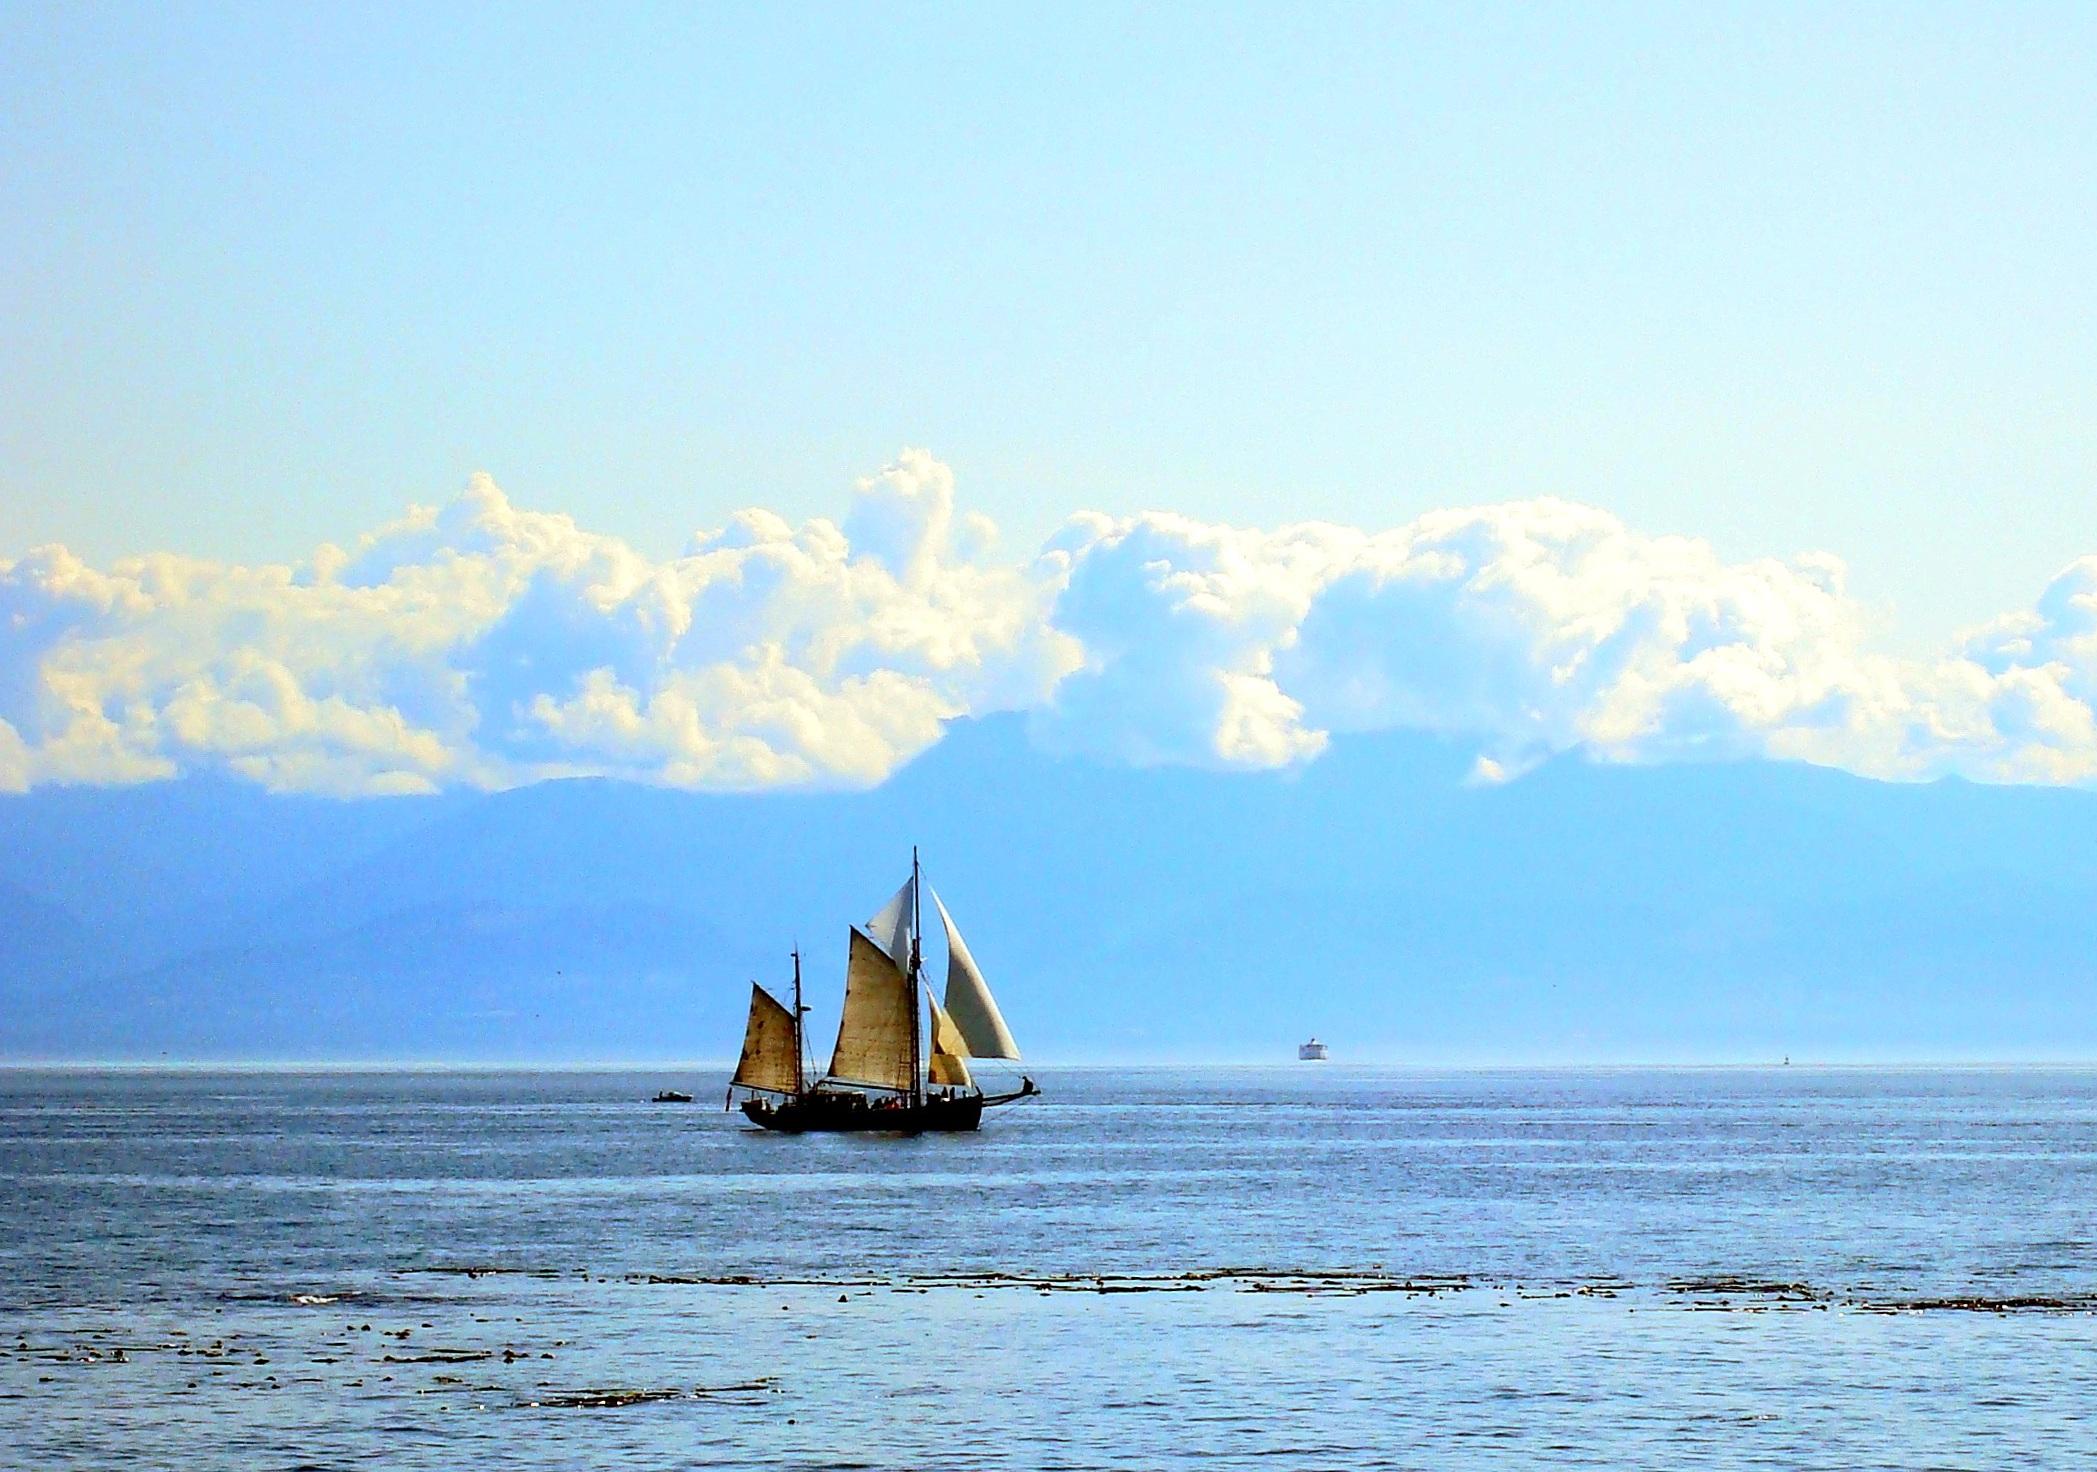 Фотографии парусников и морских пейзажей